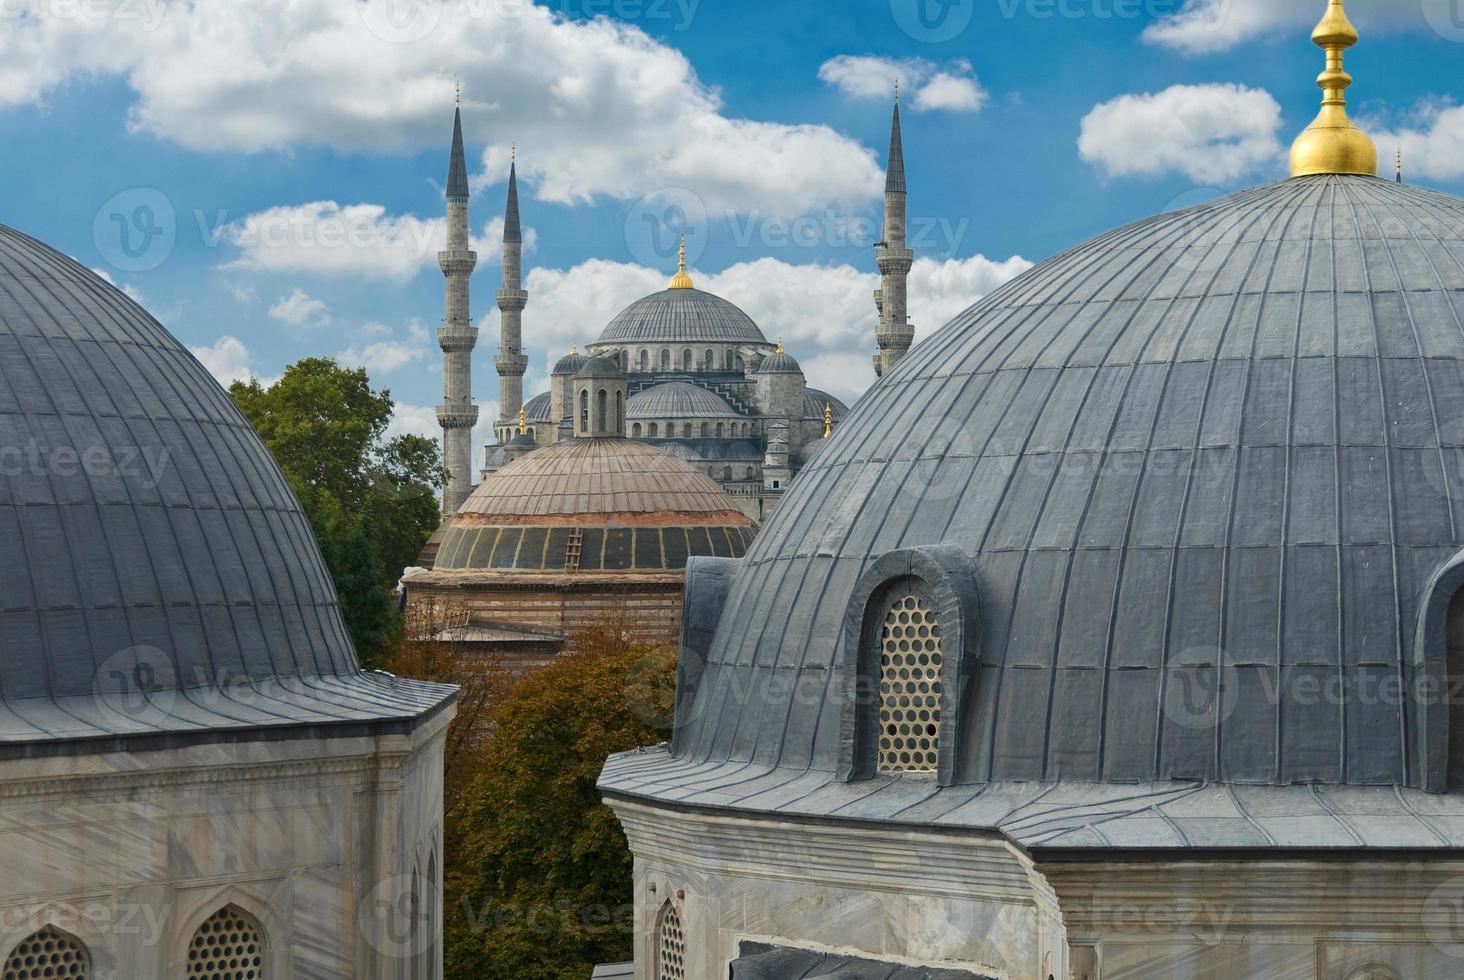 mesquita azul em Istambul tiro de hagia sophia, Turquia foto